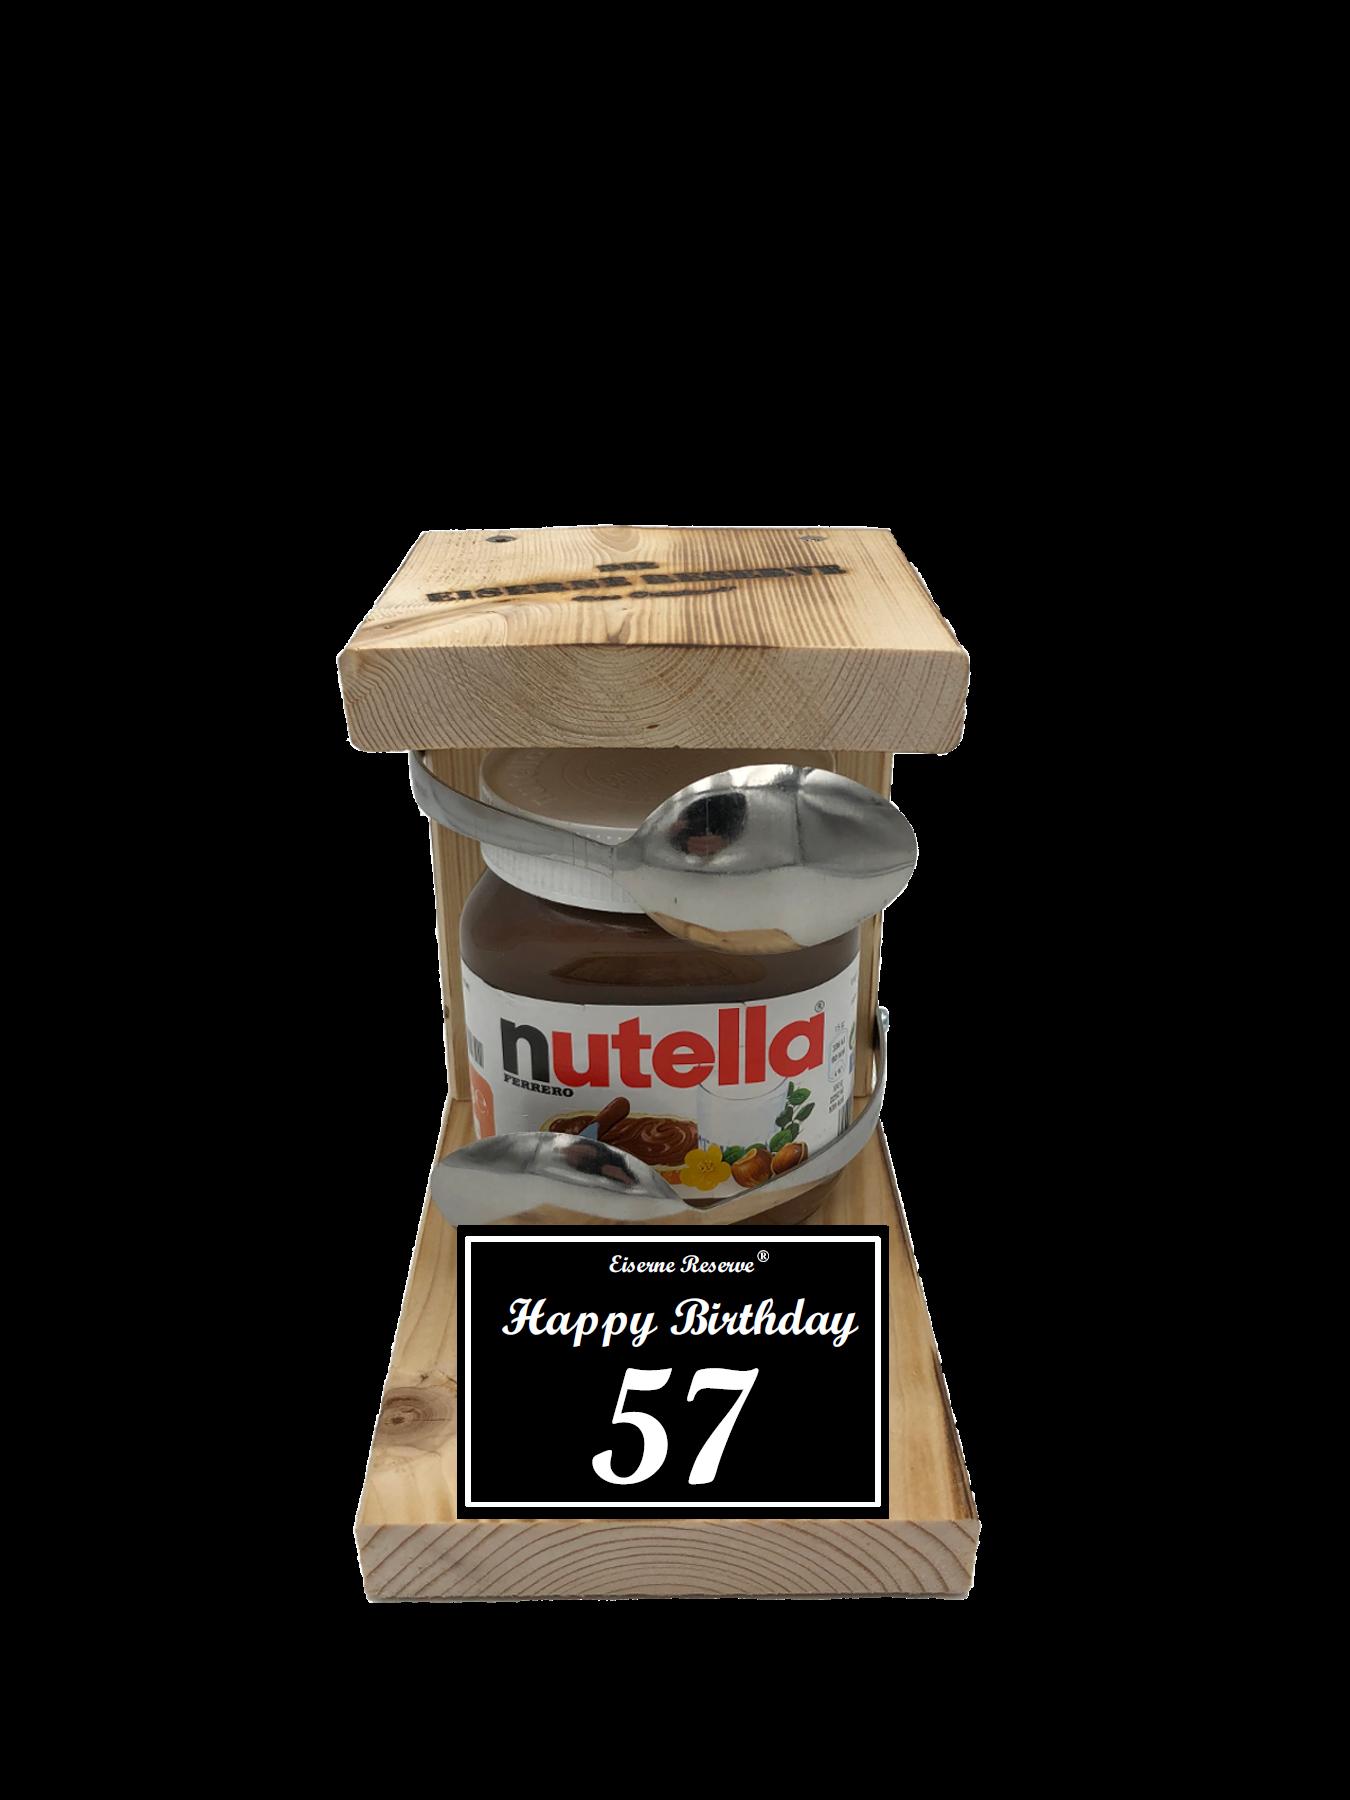 57 Happy Birthday Löffel Nutella Geschenk - Die Nutella Geschenkidee